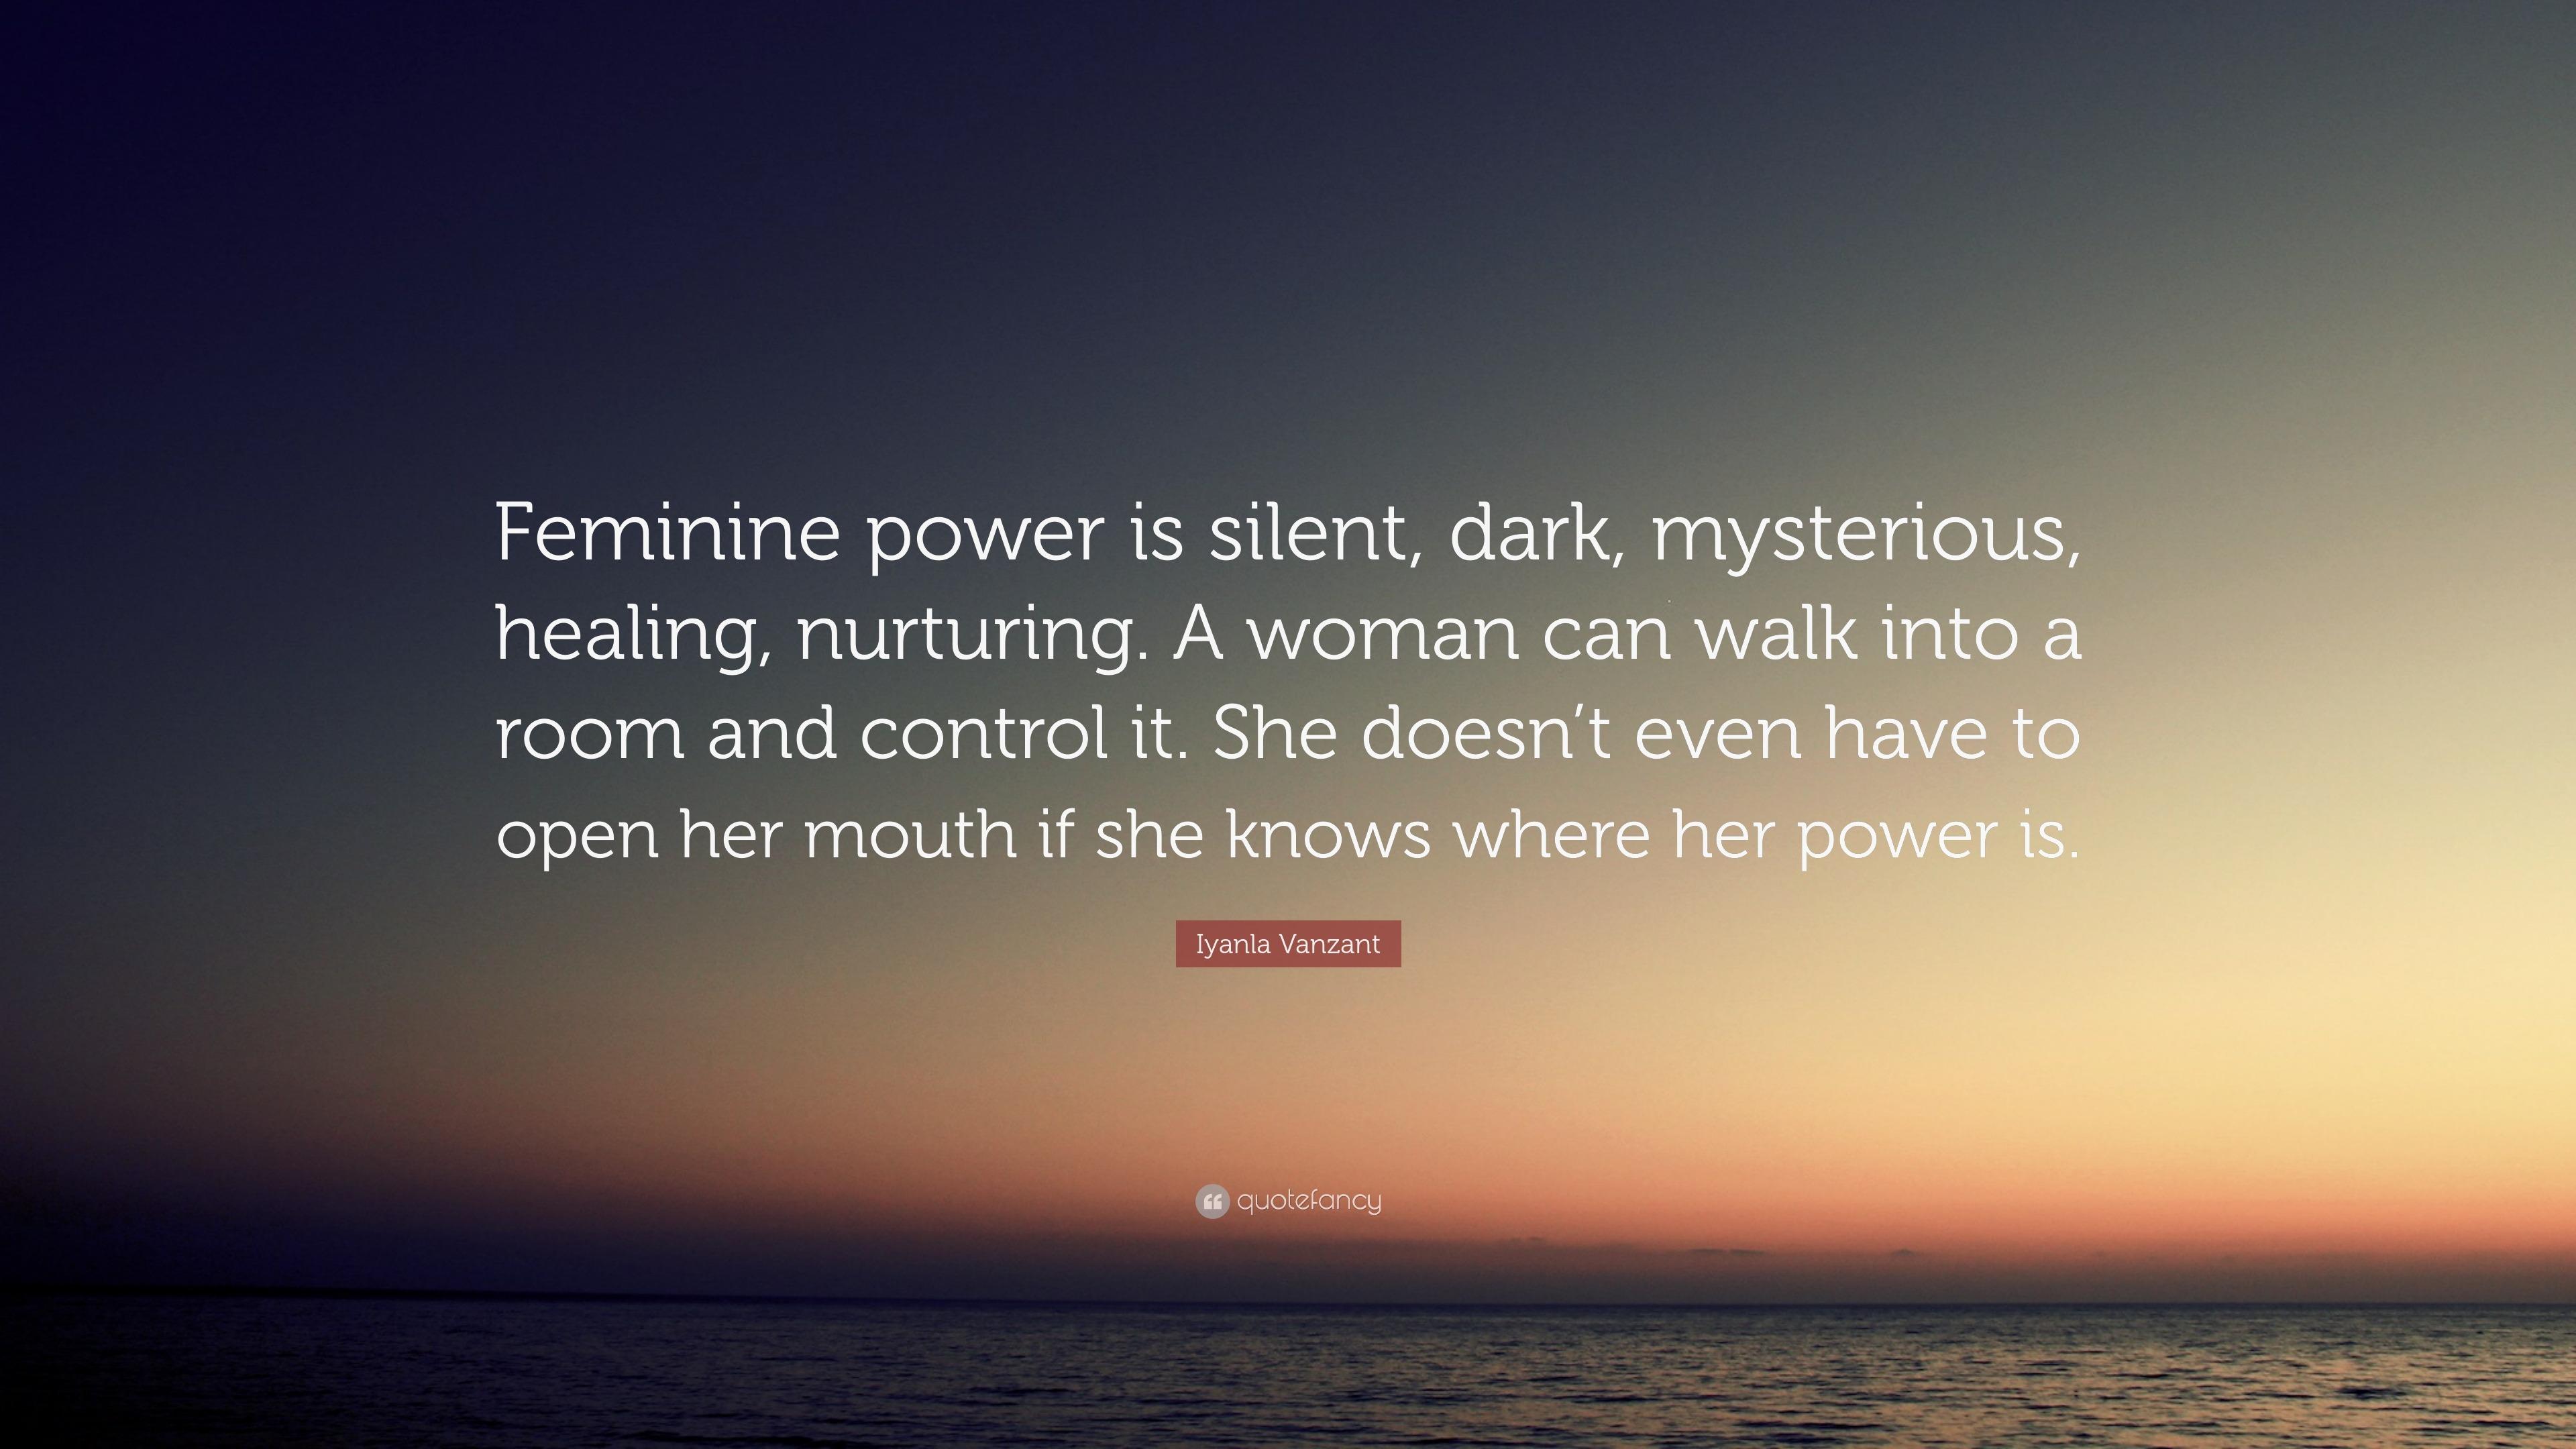 The feminine power